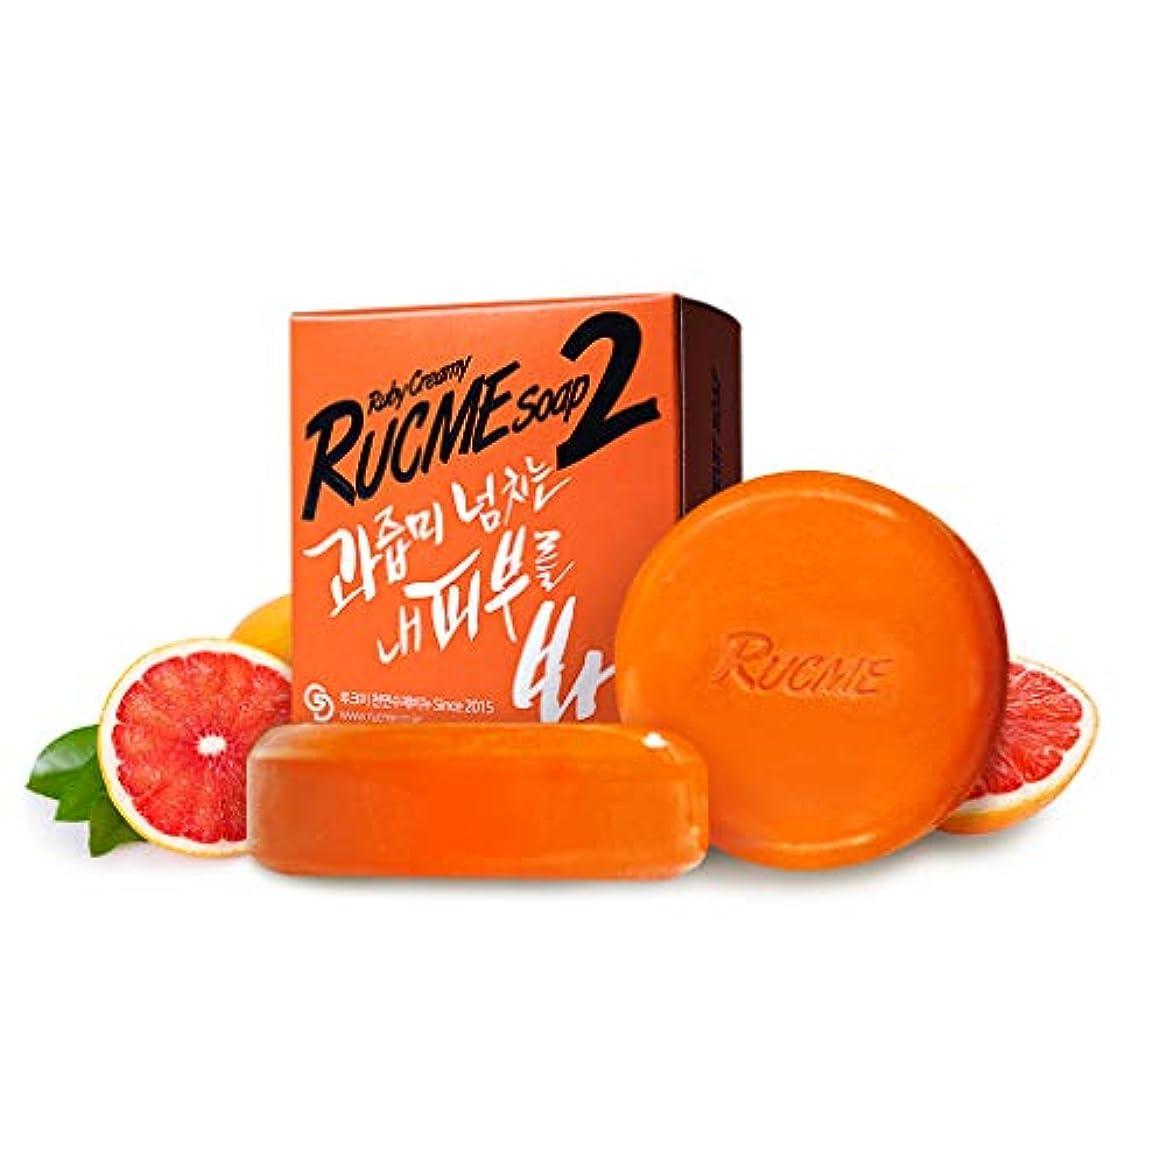 若いライセンスがっかりした[RUCME] グレープフルーツ&パプリカ 洗顔石鹸/ルビークリーミーソープ 2